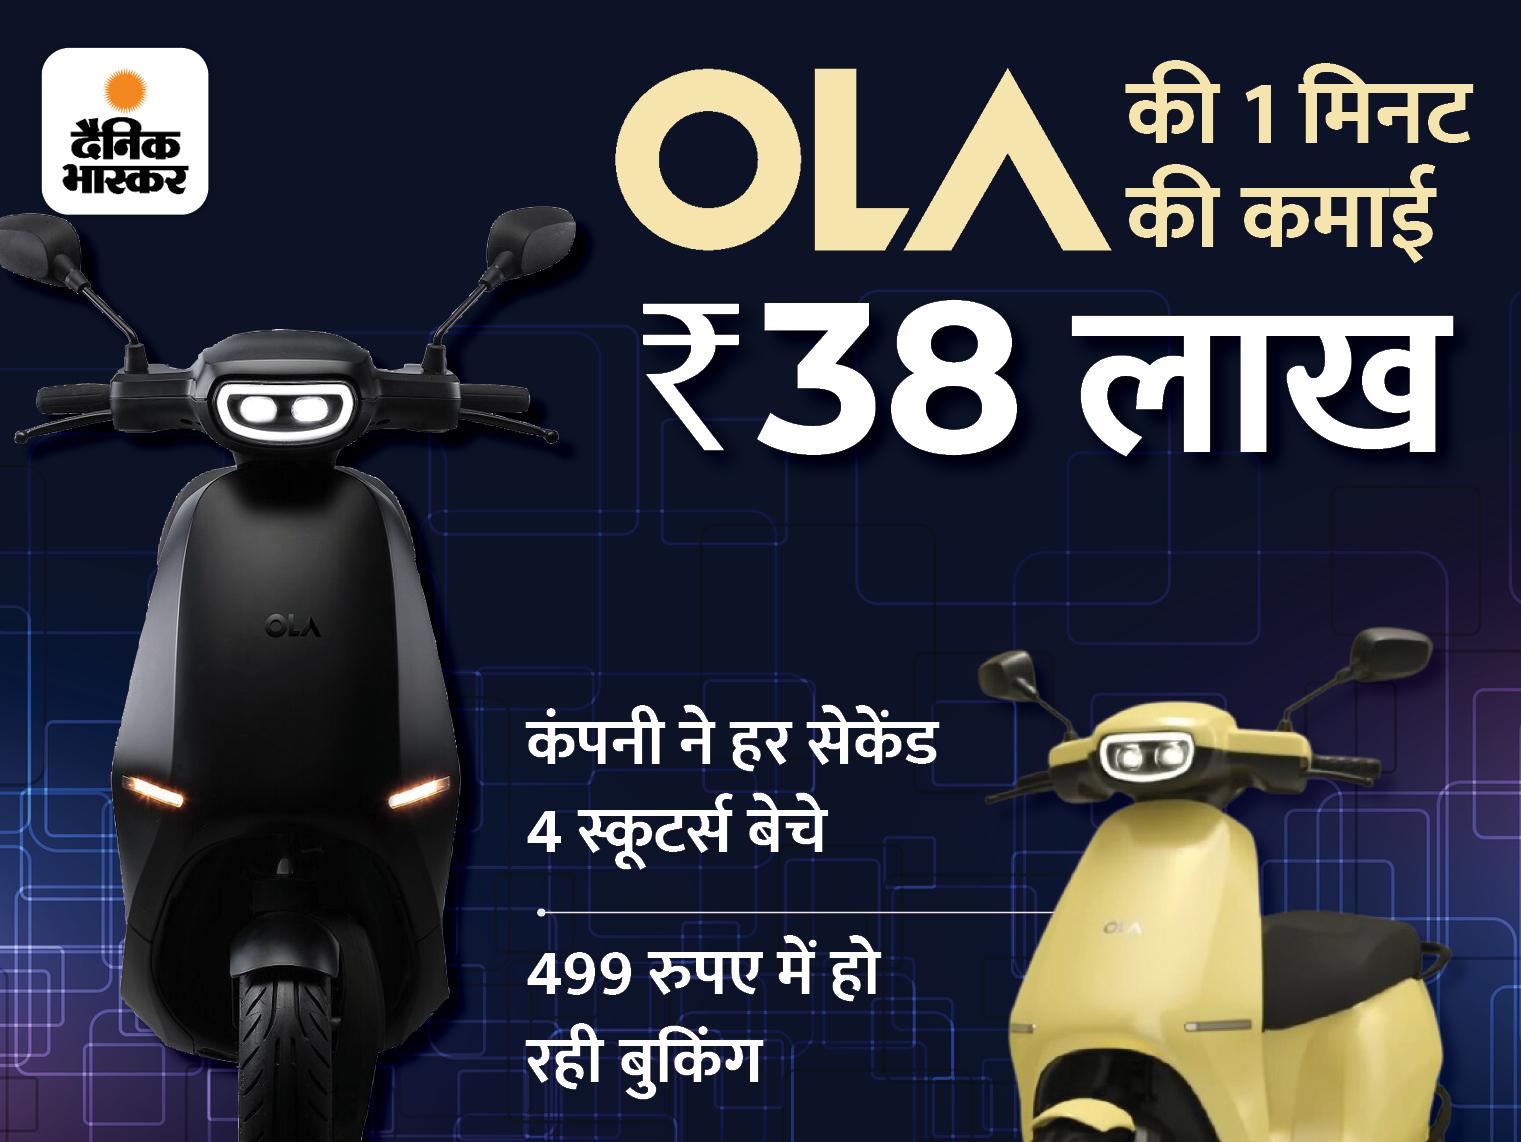 OLA ने दूसरे दिन 500 करोड़ रुपए के इलेक्ट्रिक स्कूटर बेचे, इससे 2 दिन में 1100 करोड़ रुपए की कमाई हुई|देश,National - Dainik Bhaskar